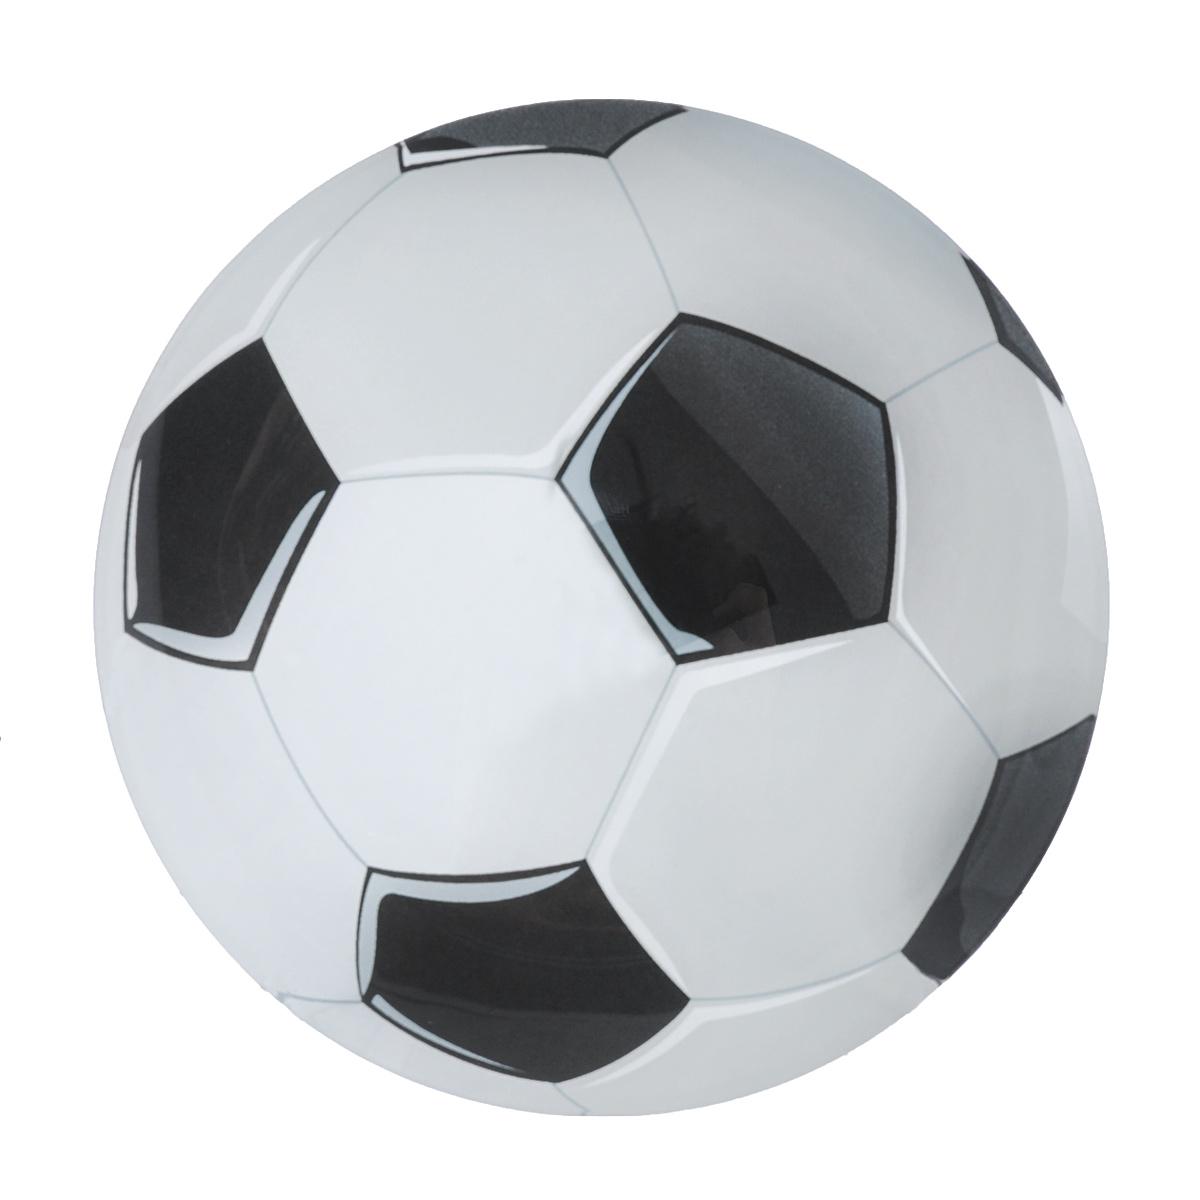 Тарелка Zibo Shelley Футбольный мяч, диаметр 20 смZSFB0008Тарелка Zibo Shelley Футбольный мяч изготовлена из высококачественного стекла. Предназначена для красивой подачи различных блюд. Изделие выполнено в форме мяча. Такая тарелка украсит сервировку стола и подчеркнет прекрасный вкус хозяйки.Можно мыть в посудомоечной машине. Диаметр: 20 см.Высота: 1 см.